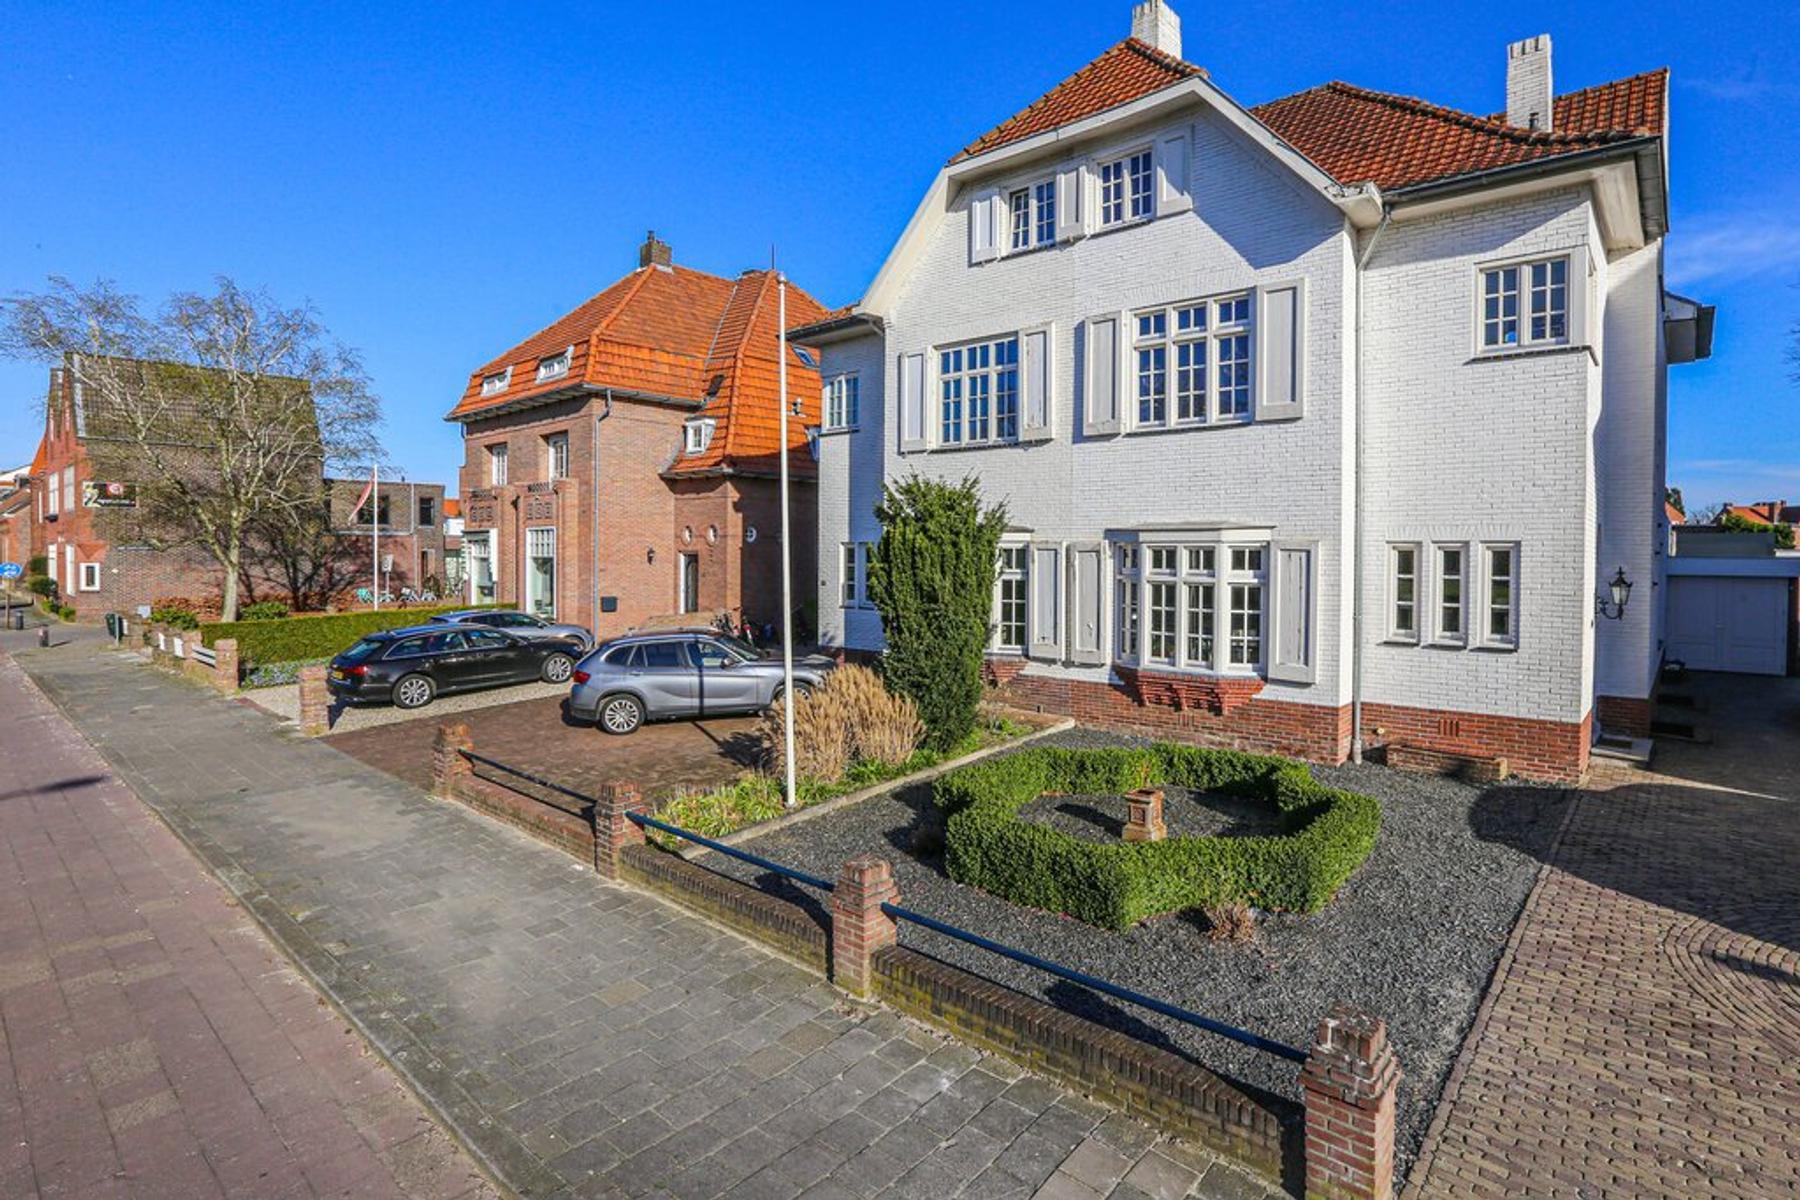 Burgemeester Van Rijnsingel 26 in Venlo 5913 AN